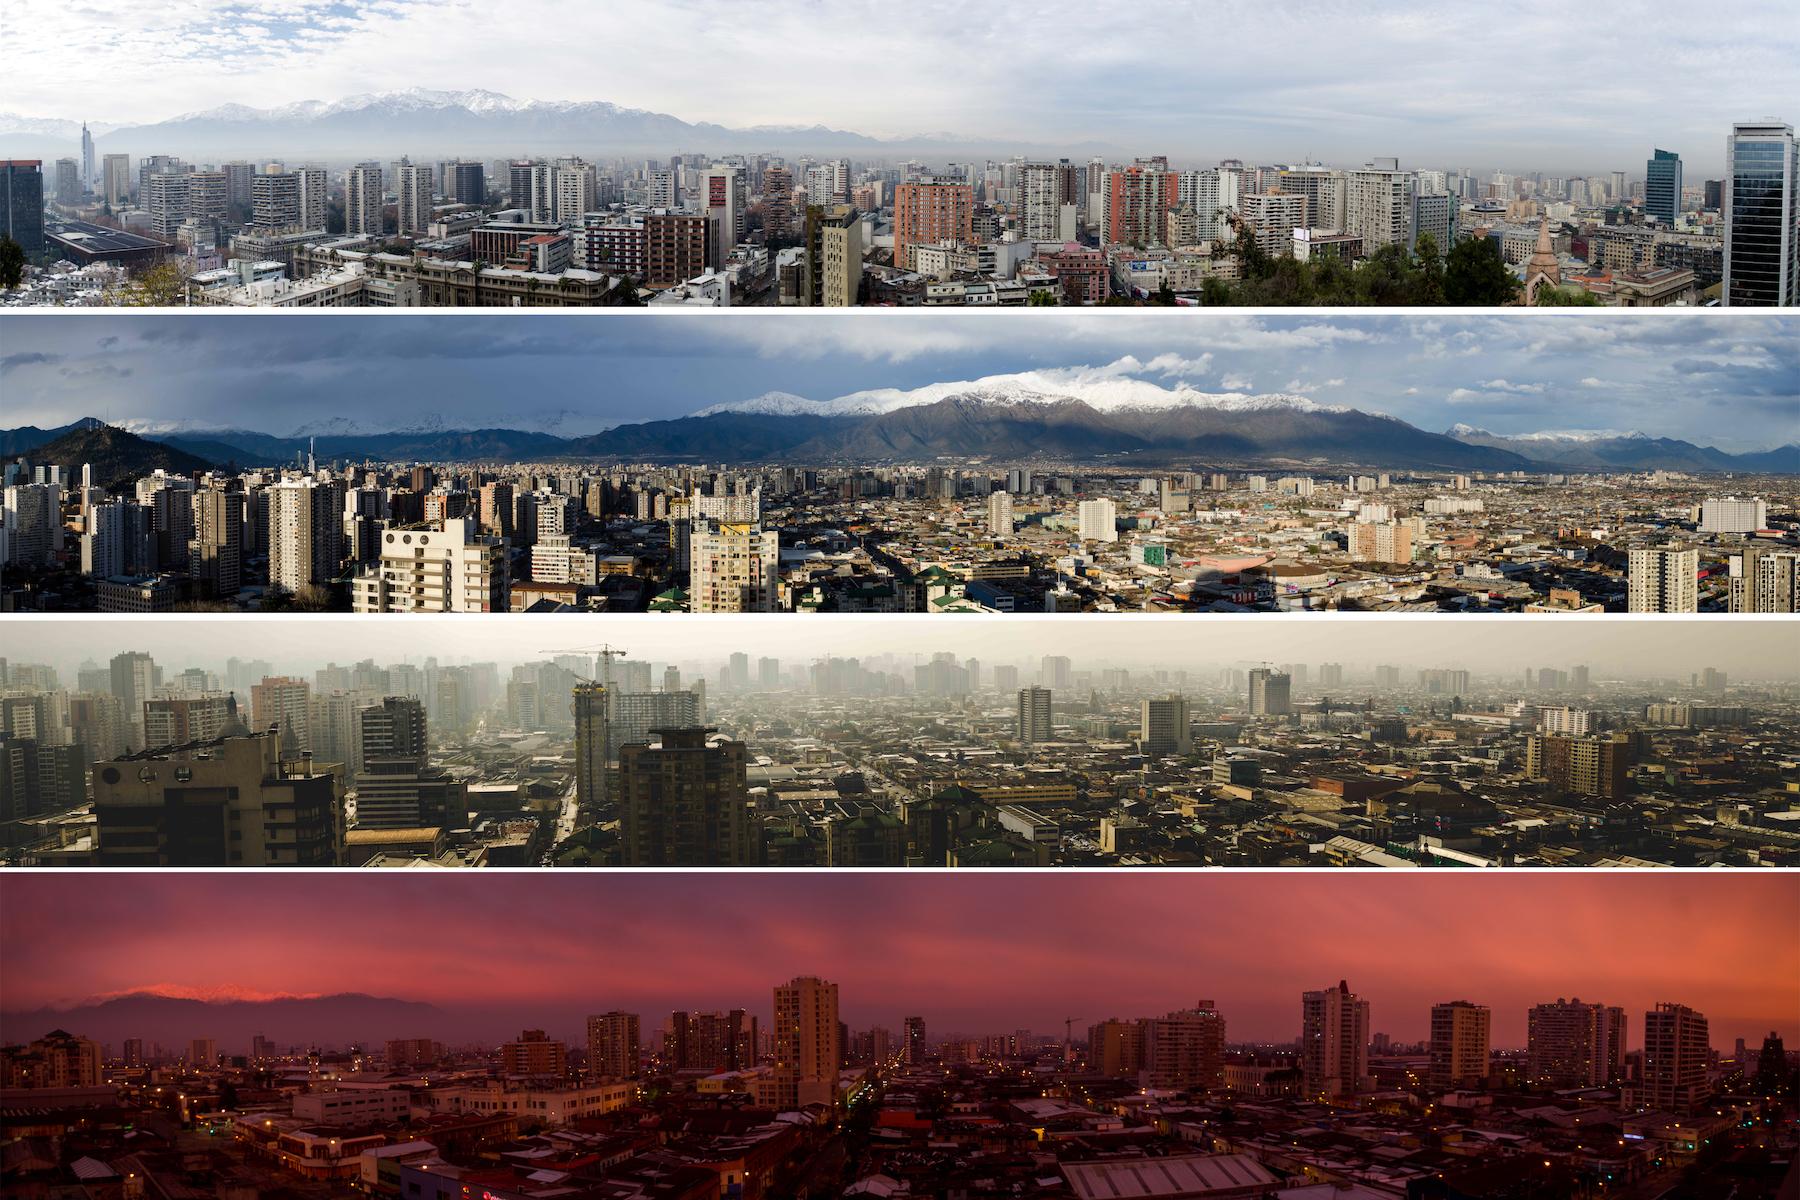 Panoramas taken from various points in Santiago